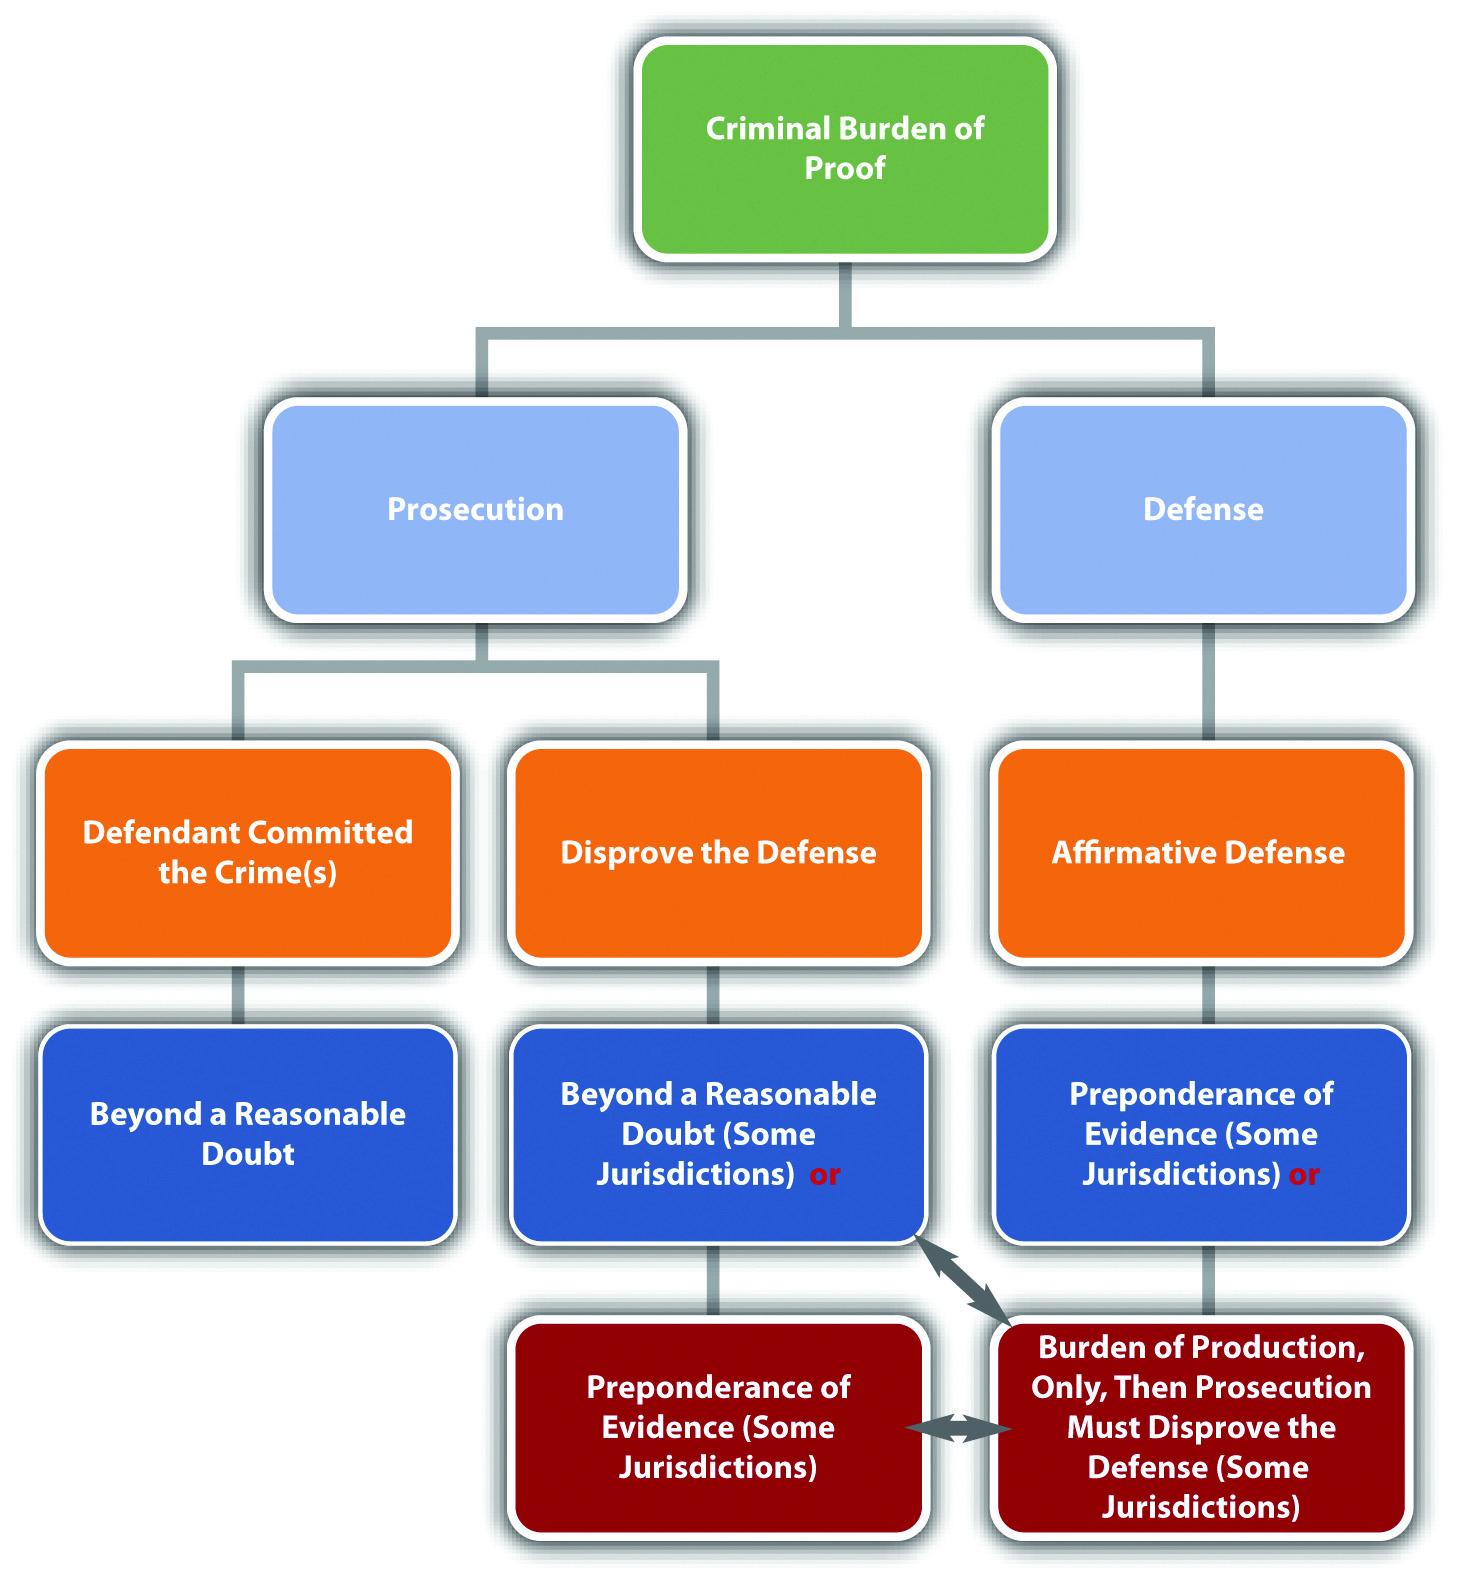 Diagram of the Criminal Burden of Proof